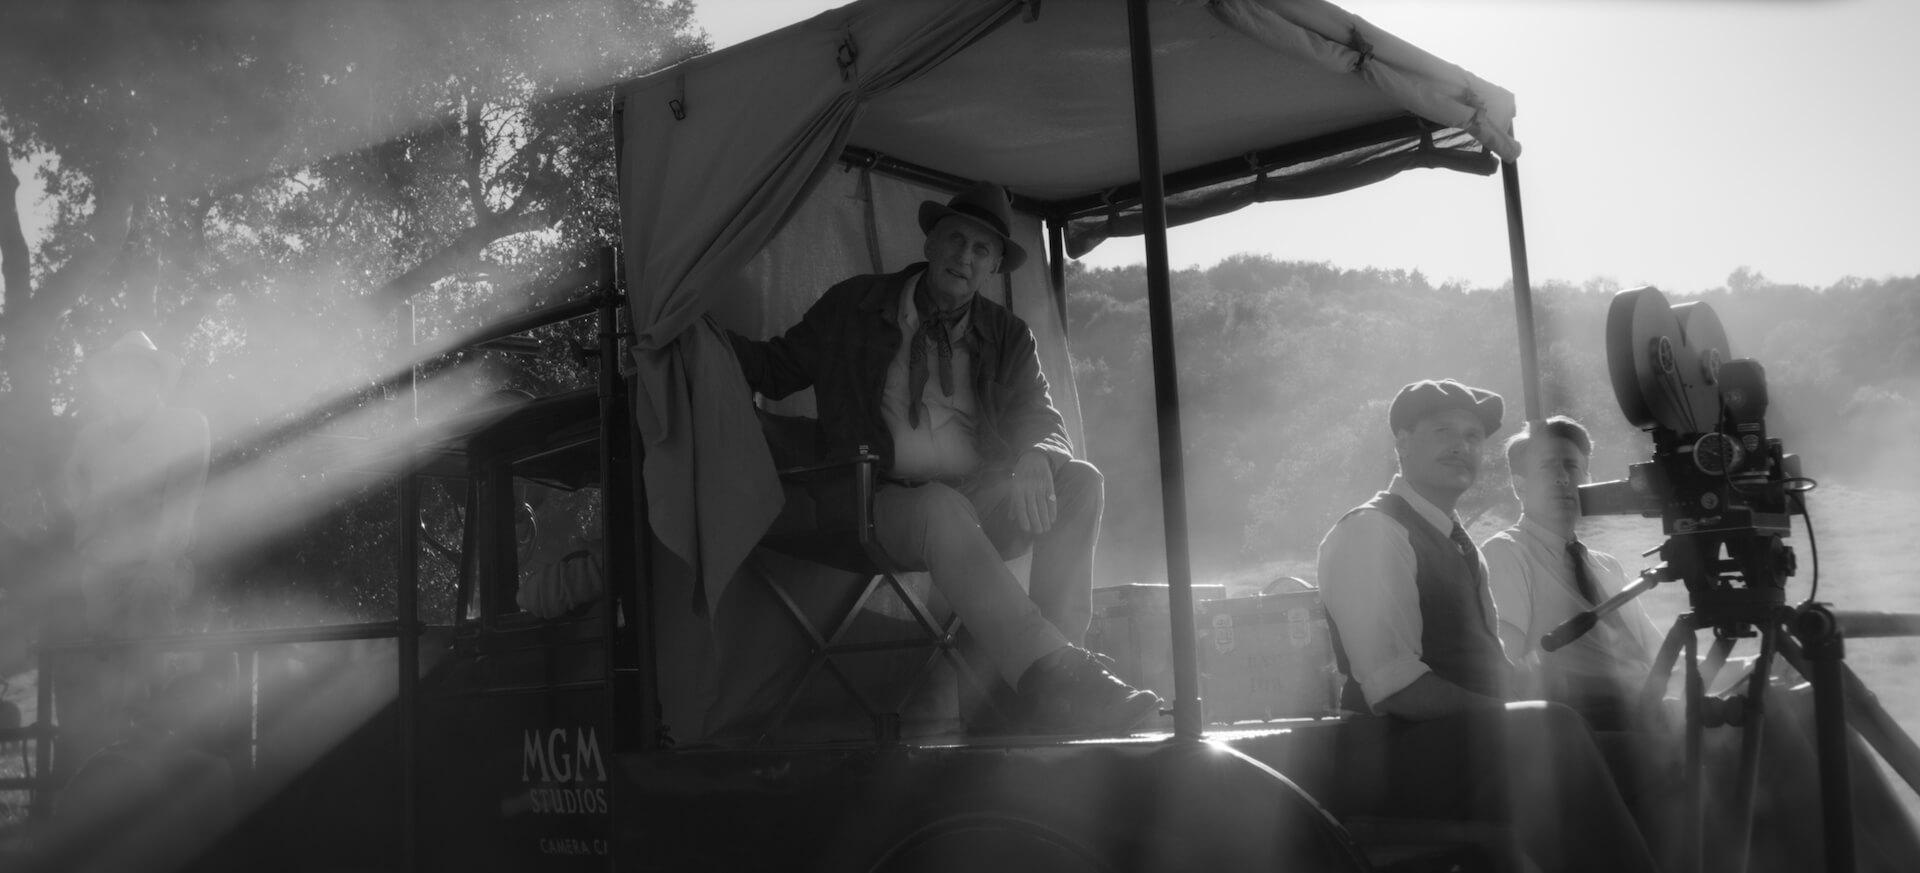 デヴィッド・フィンチャー×ゲイリー・オールドマンで注目のNetflix『Mank/マンク』が全国各地の映画館で上映決定!モノクロで統一された場面写真も解禁 film201104_mank_4